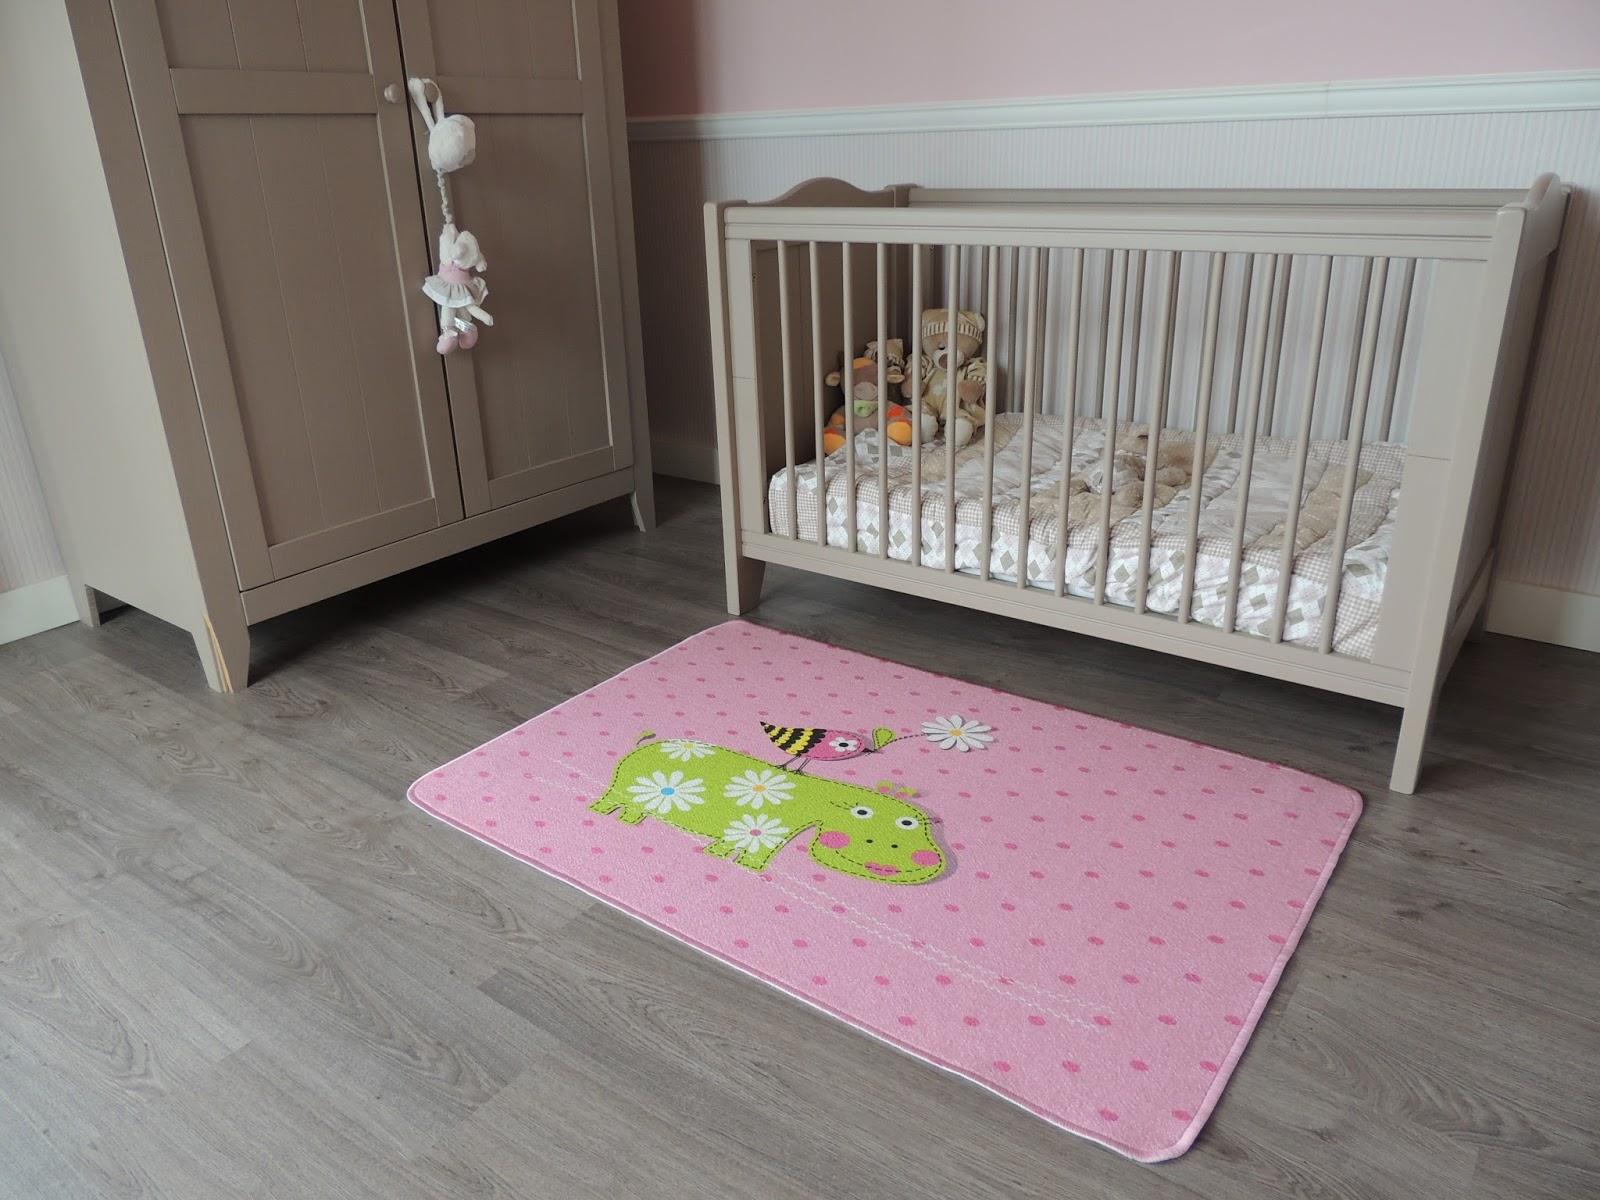 Speeltapijten speelmatten vloerkleden kinderkamer kleed kinderkamer roze vloerkleed voor - Roze kinderkamer ...